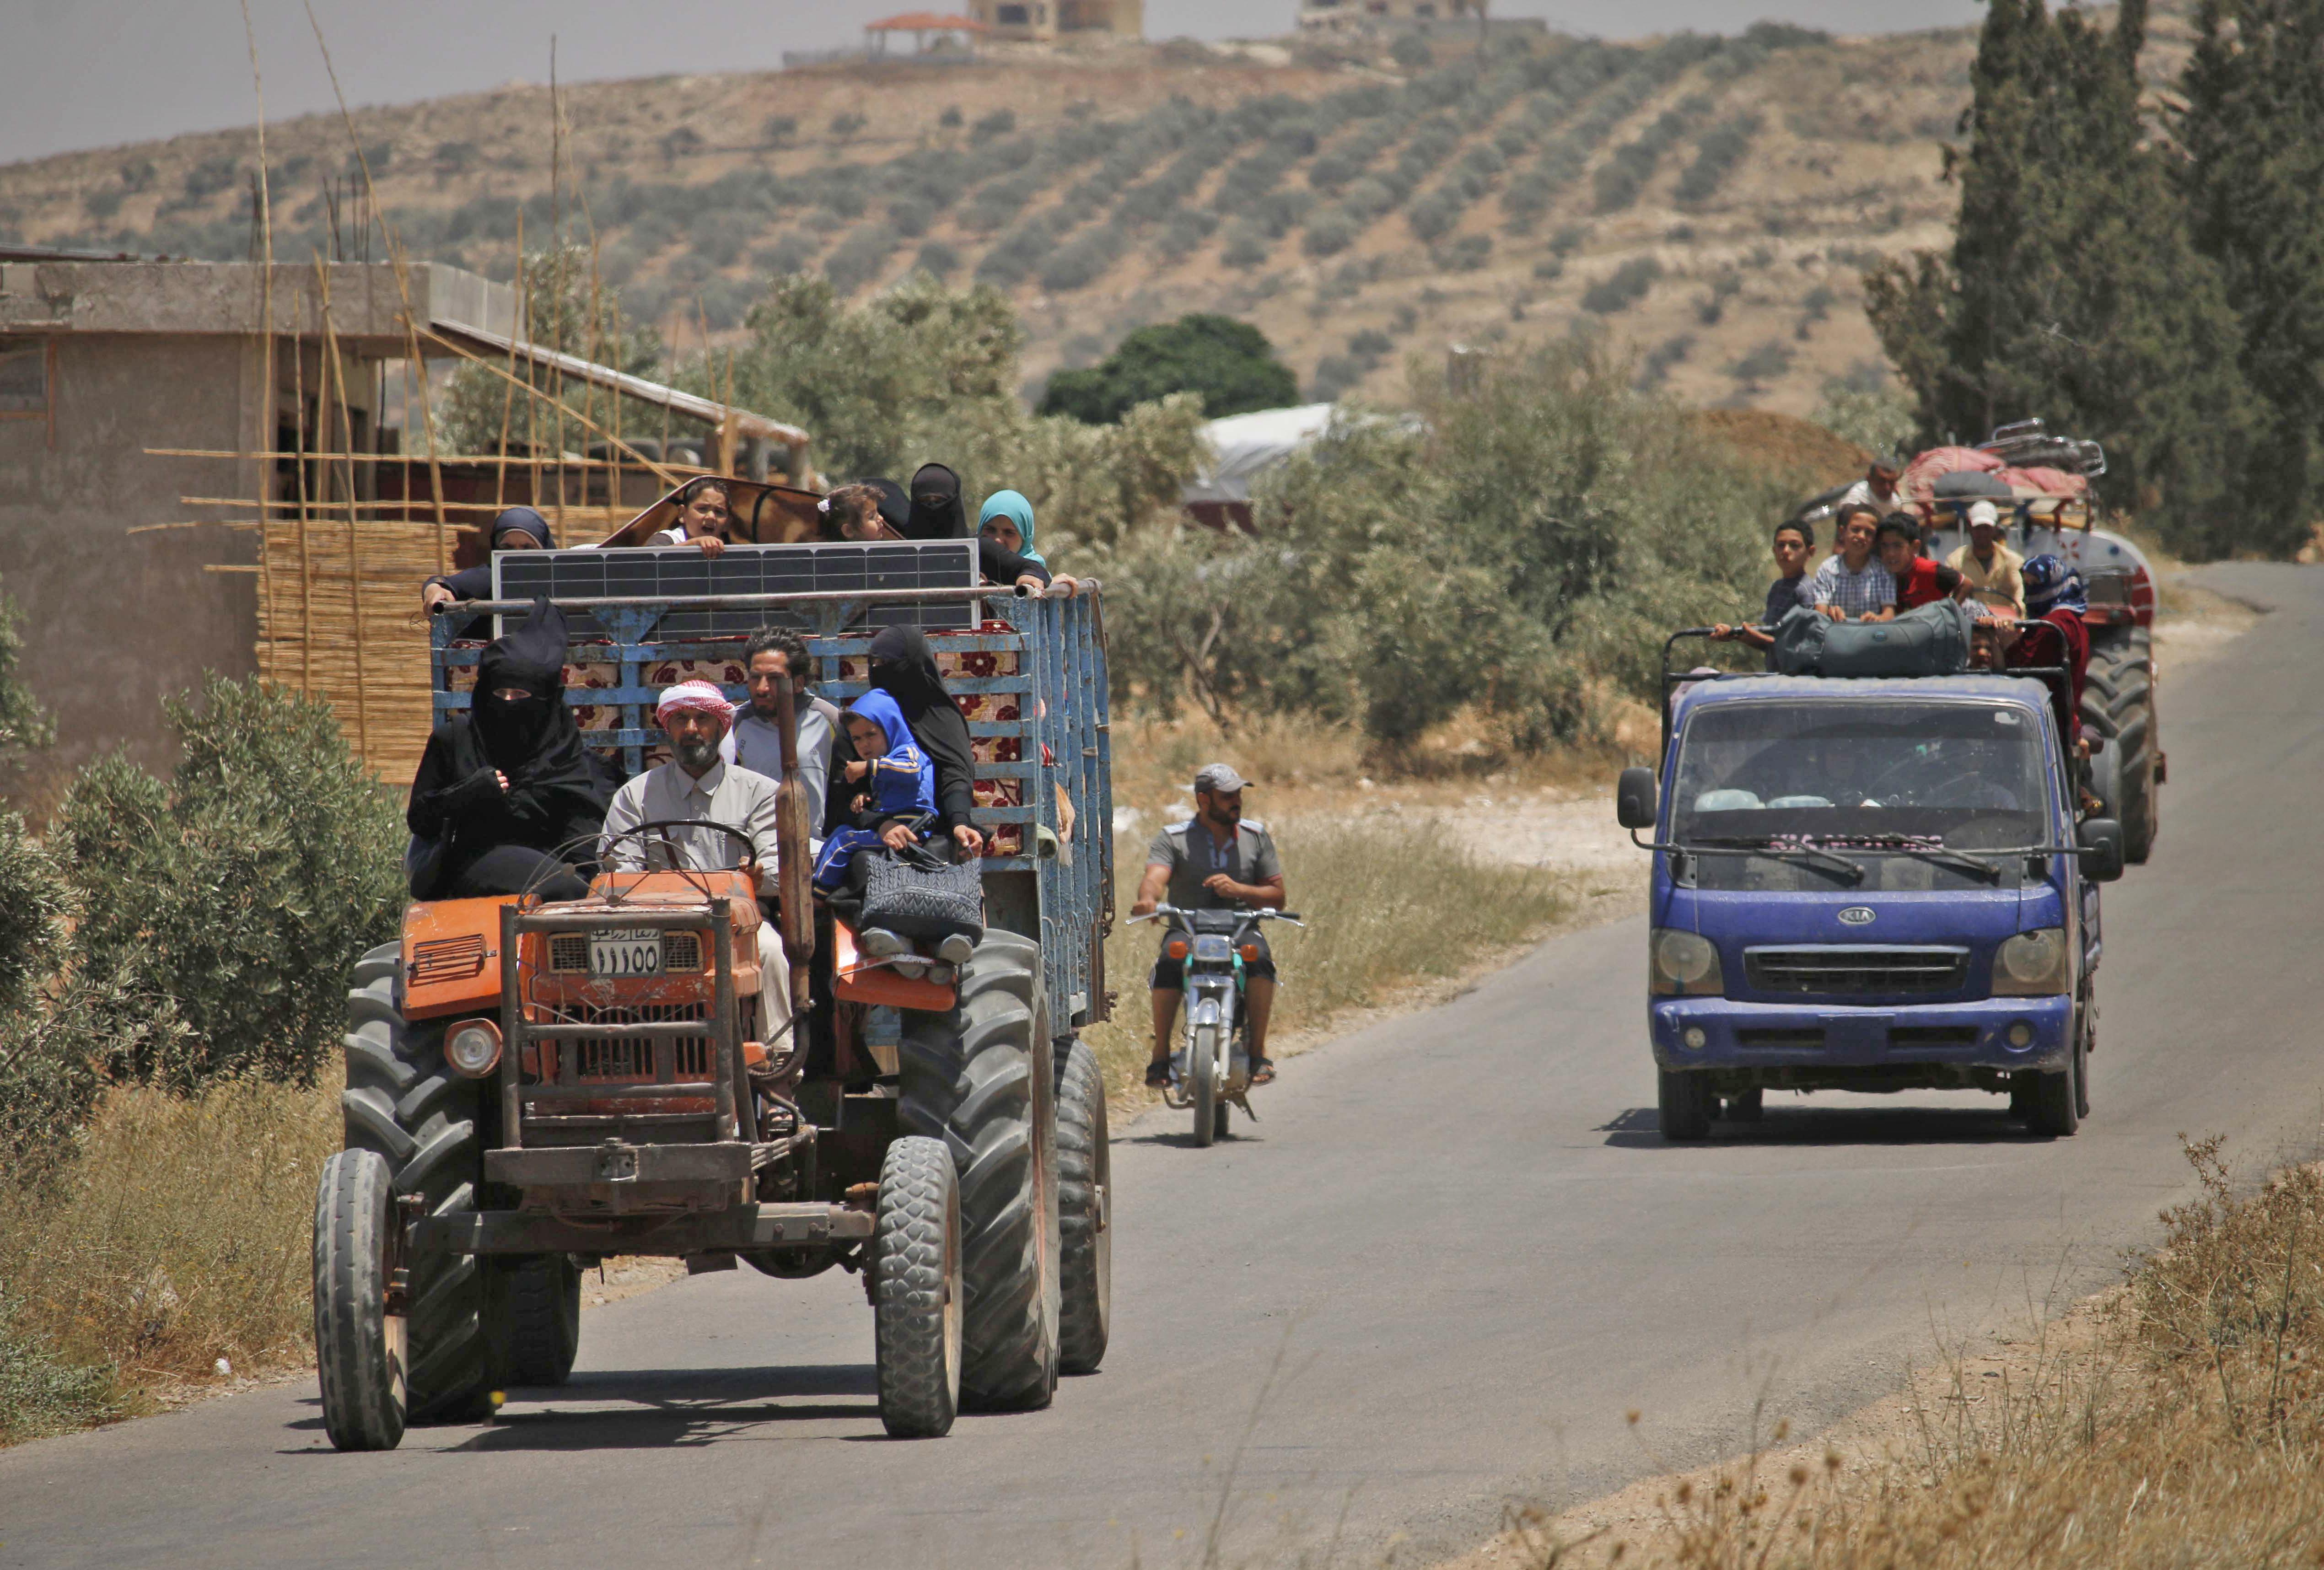 سوريون يستقلون جرارا زراعيا وآخرون يستقلون شاحنة هربا من مناطق القصف في جنوب غرب البلاد